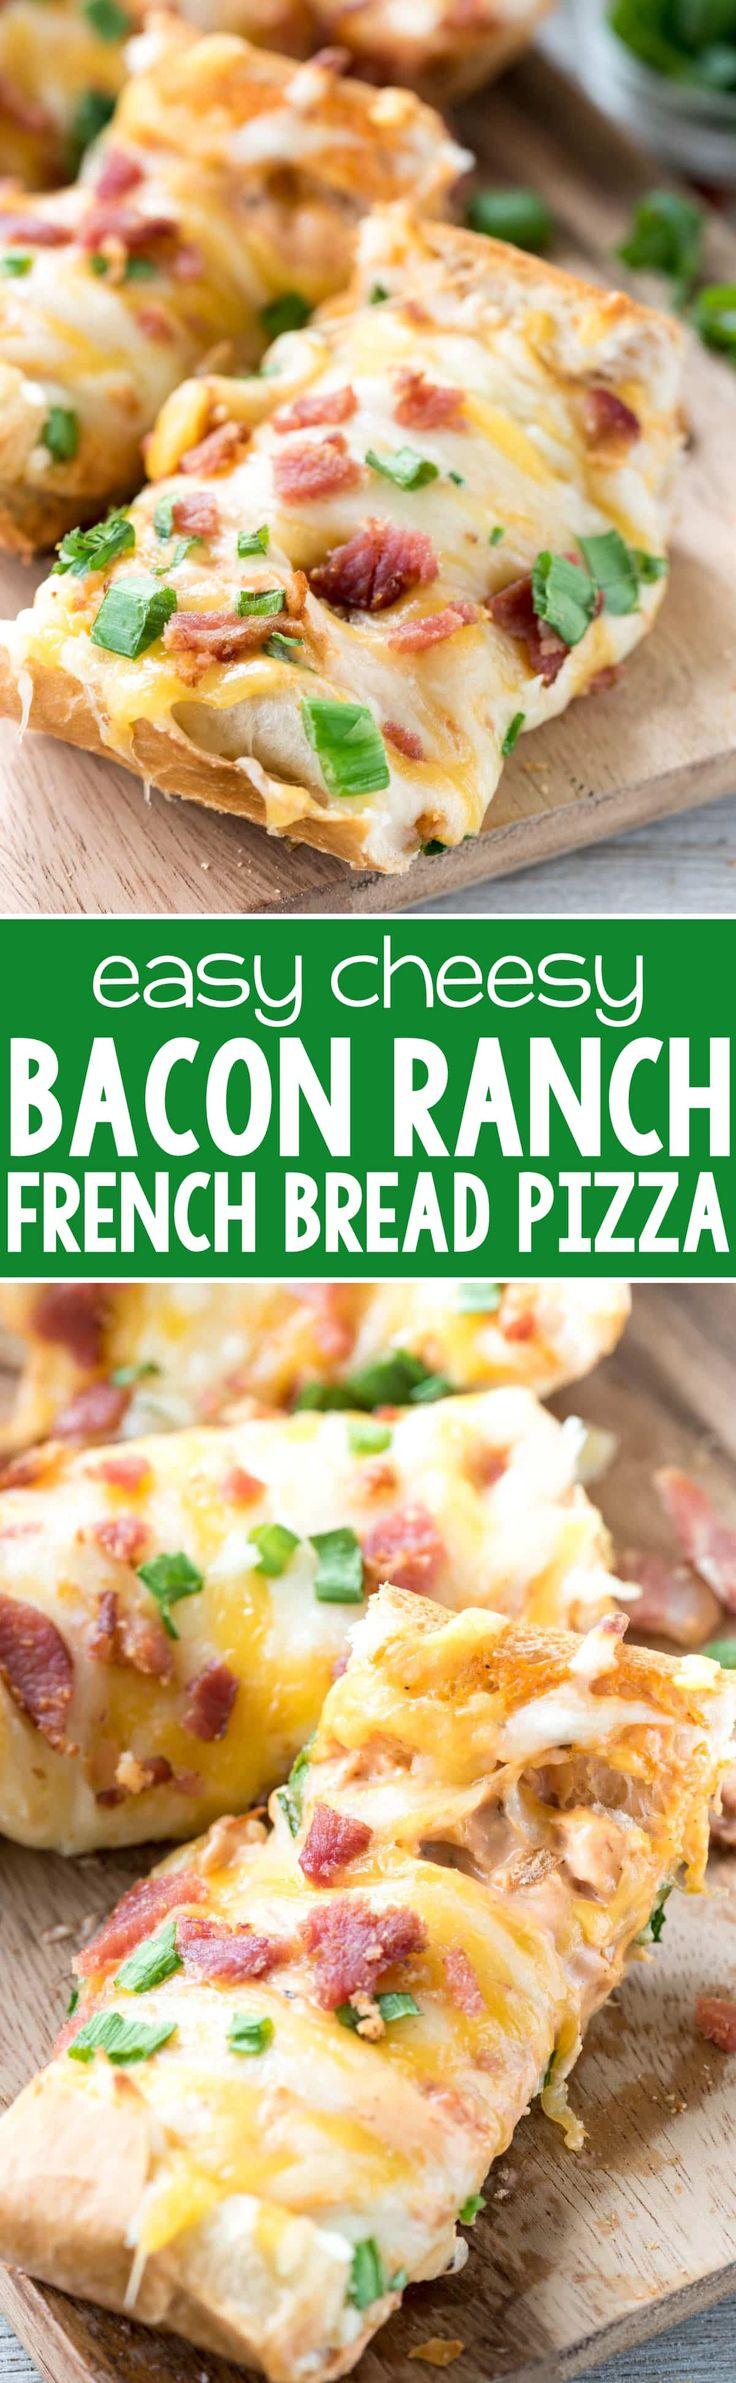 Pizza clipart main course Pinterest Bacon Pizza paris French